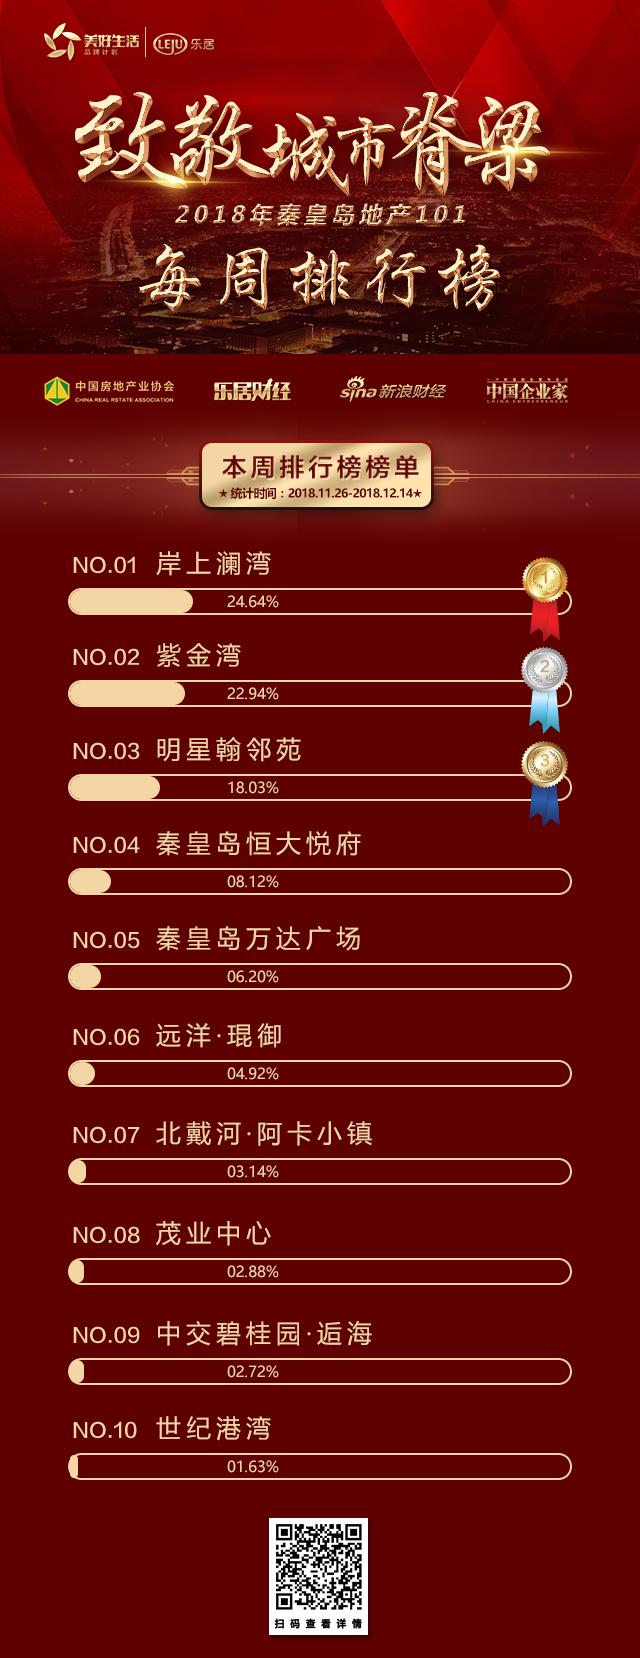 秦皇岛房产网-推荐:2018秦皇岛地产101网络票选第三周战报